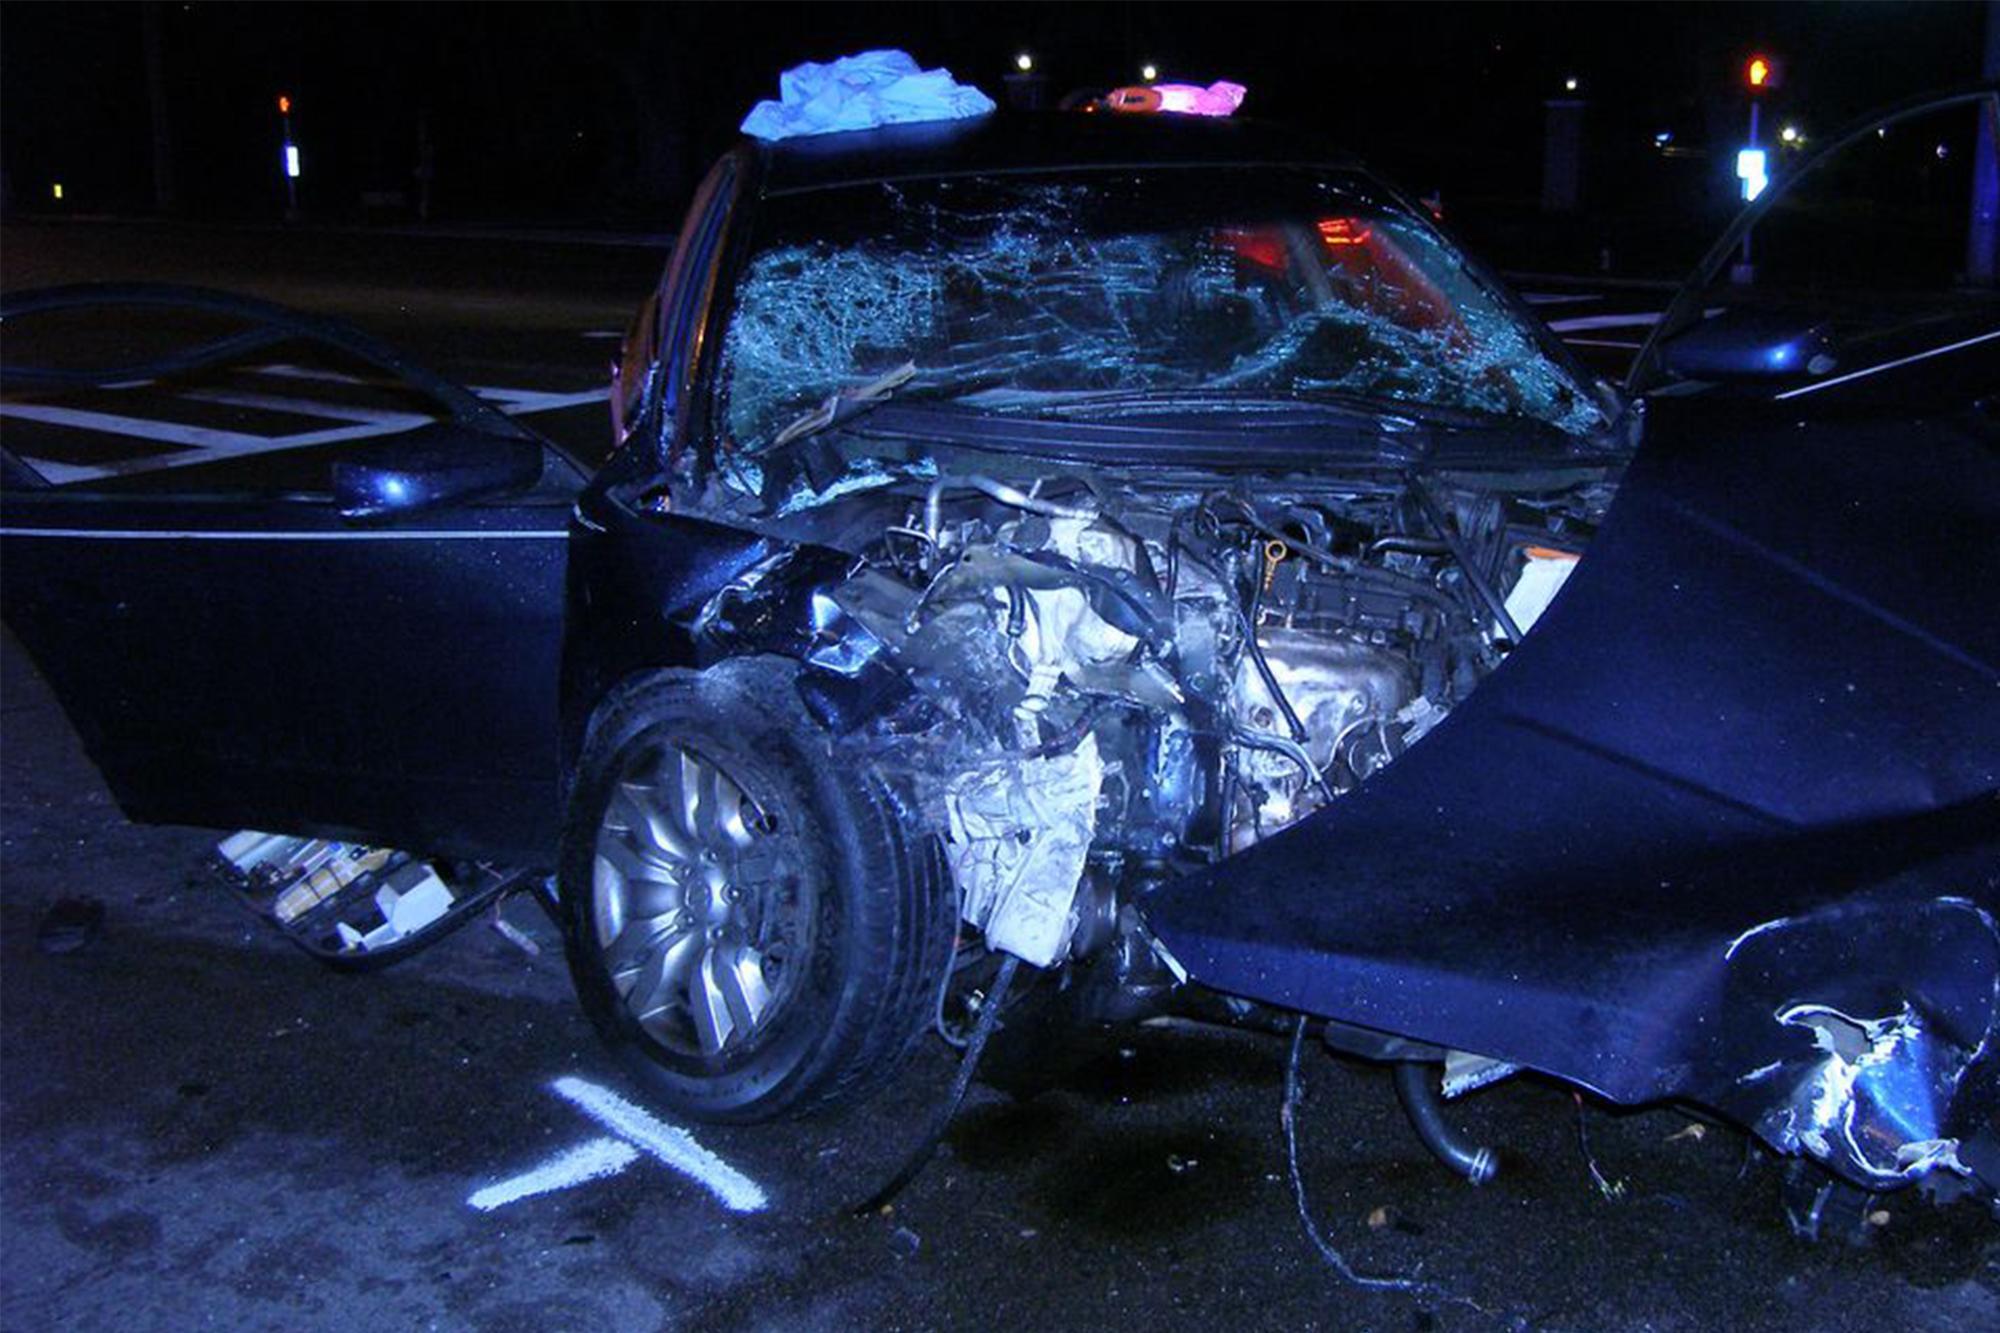 Αύξηση στα τροχαία ατυχήματα κατά 140% τον Απρίλιο